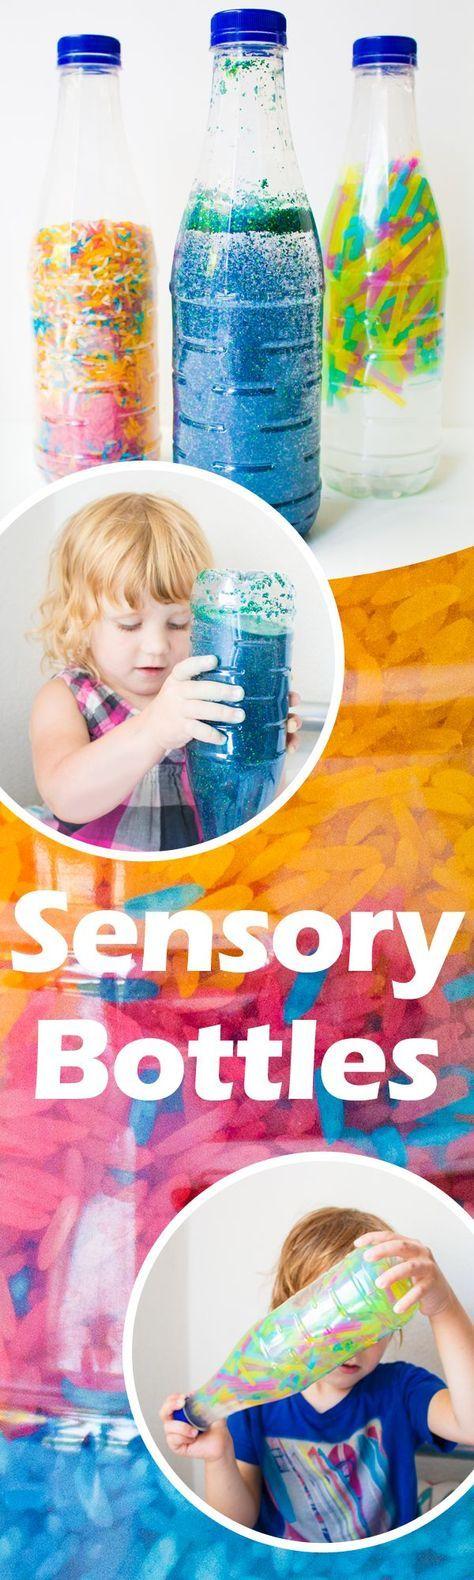 Sensory Bottles: Bunte Zauberflaschen zum Entdecken | familie.de